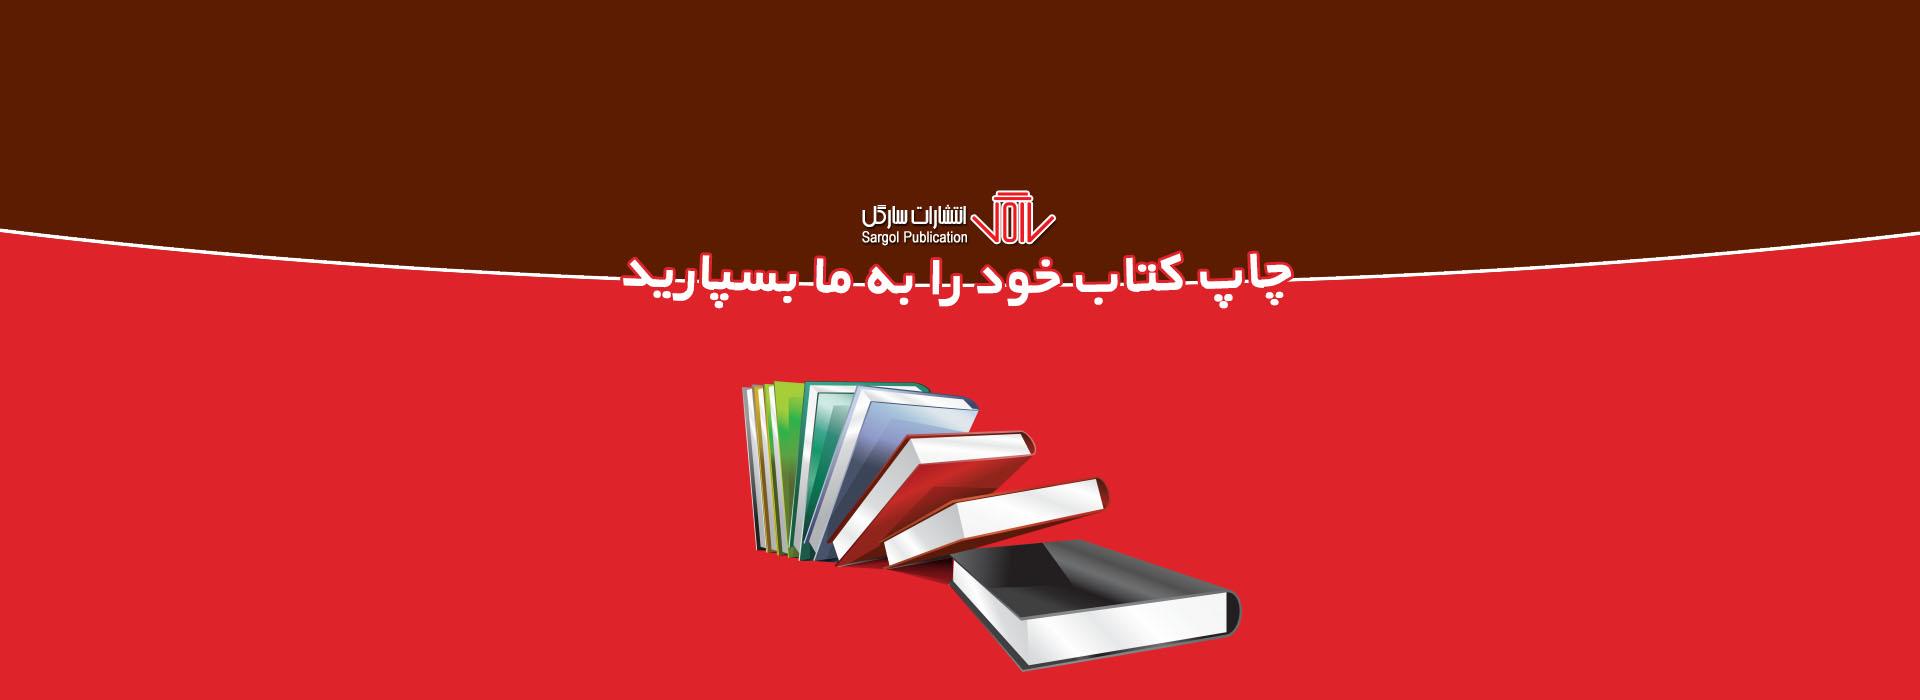 title_5e243a37cdd136171293381579432503